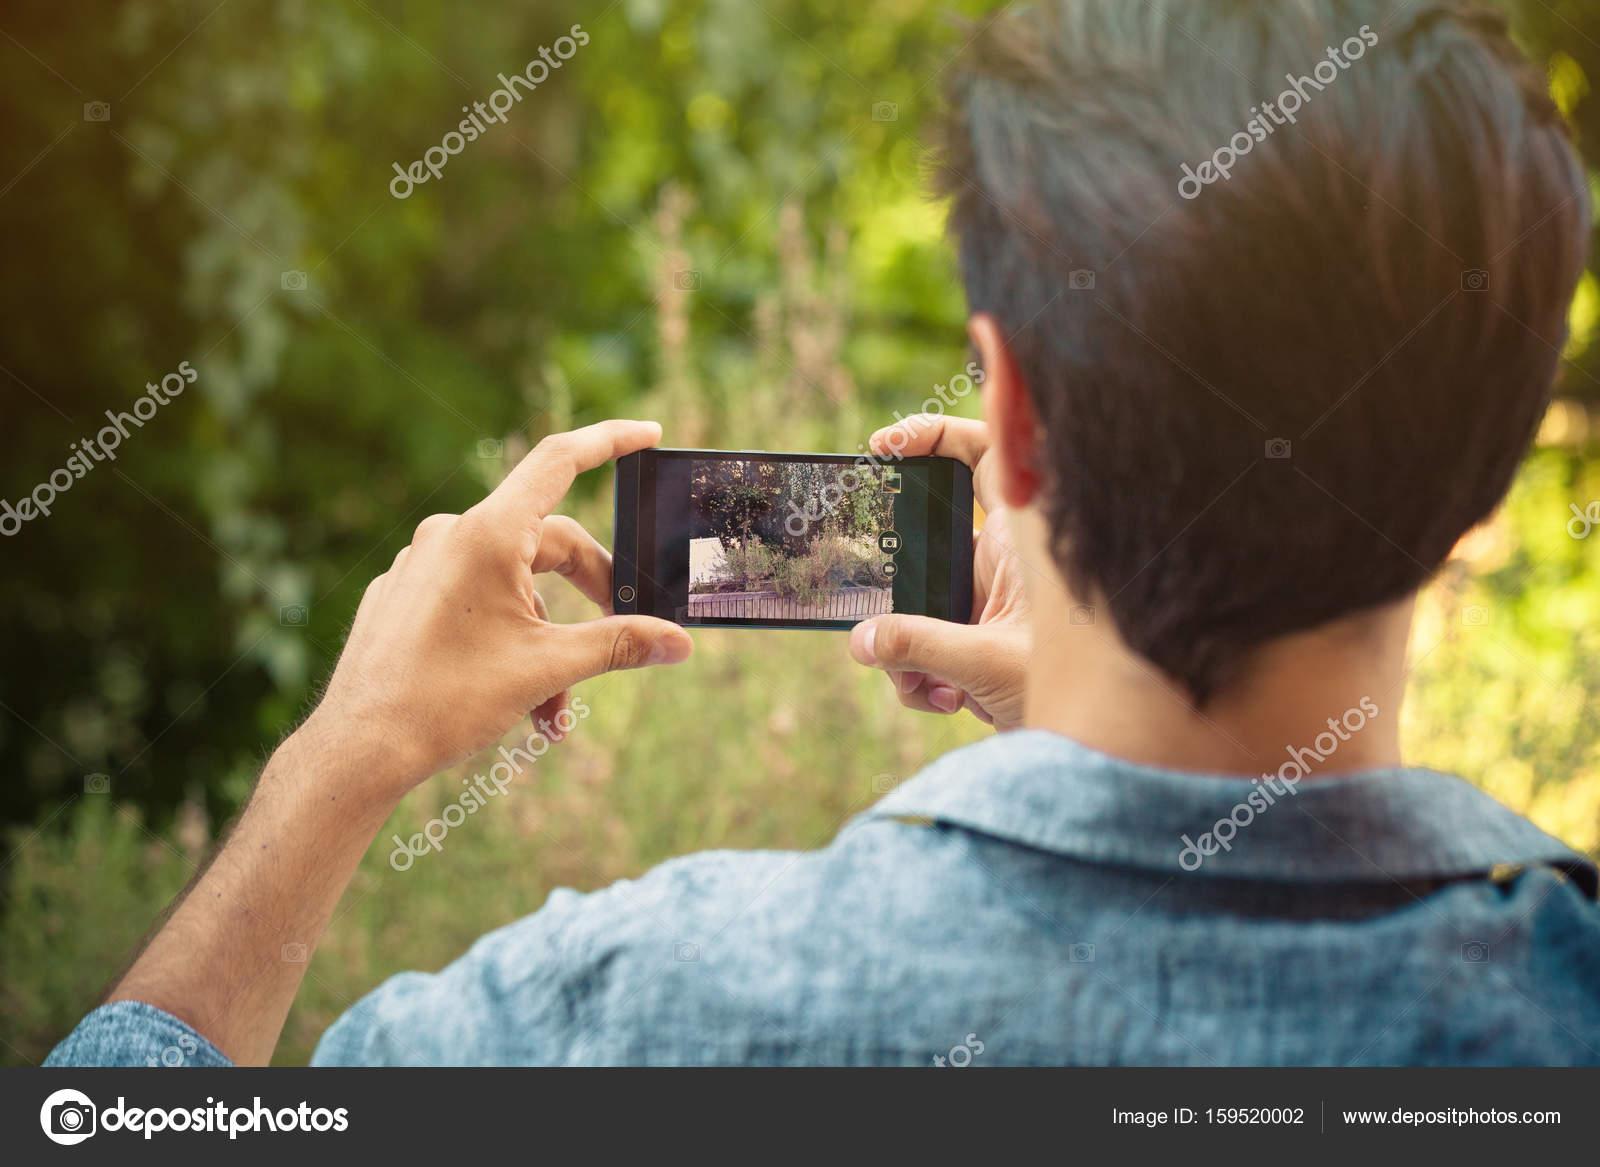 почему трудно сфотографировать человека пропустите полюбуйтесь, как